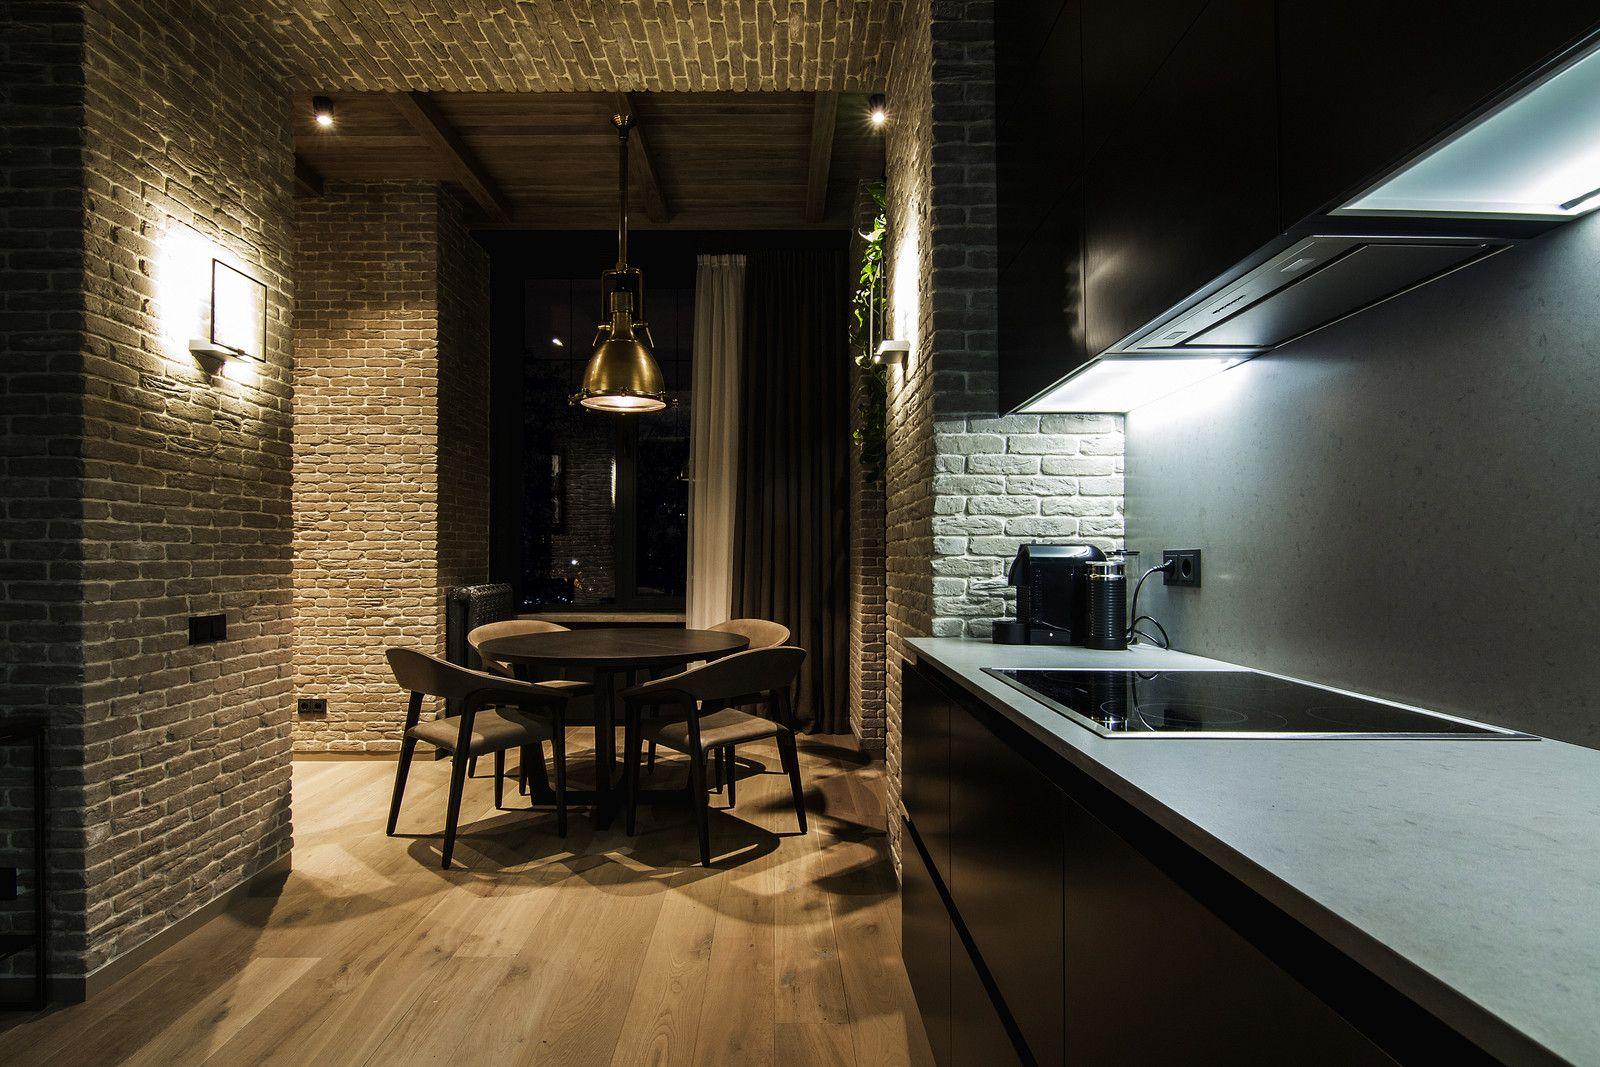 Дизайнеры Зверев Артем и Шарф Артур, представляющие мастерскую YoDezeen, оформили квартиру для творческой личности в самом сердце Киева. Её хозяйка, художник по профессии, хотела превратить 75 квадратных метров в уютный дом, включающий спальню, большую гостевую зону, открытую кухню со столовой и ...